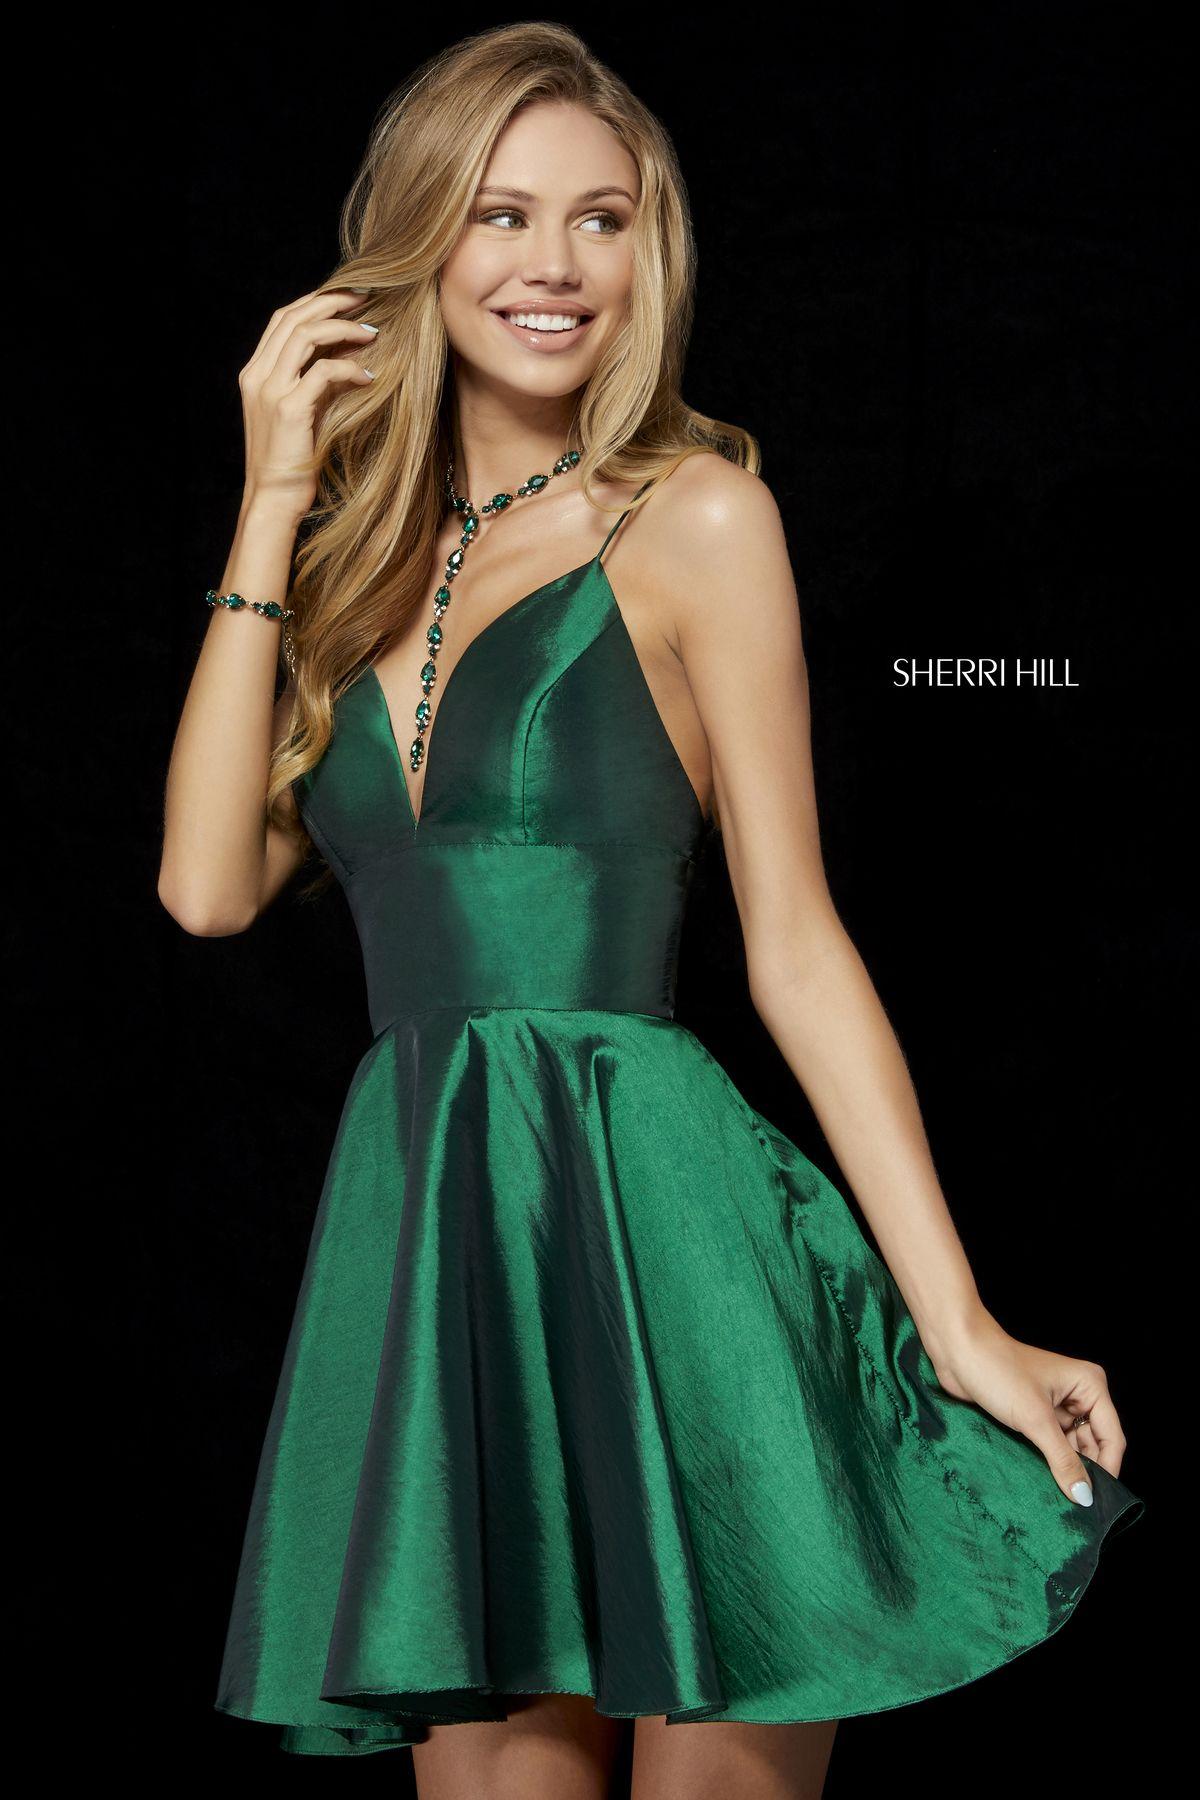 bc62fef5e28 Sherri Hill 52155 Emerald